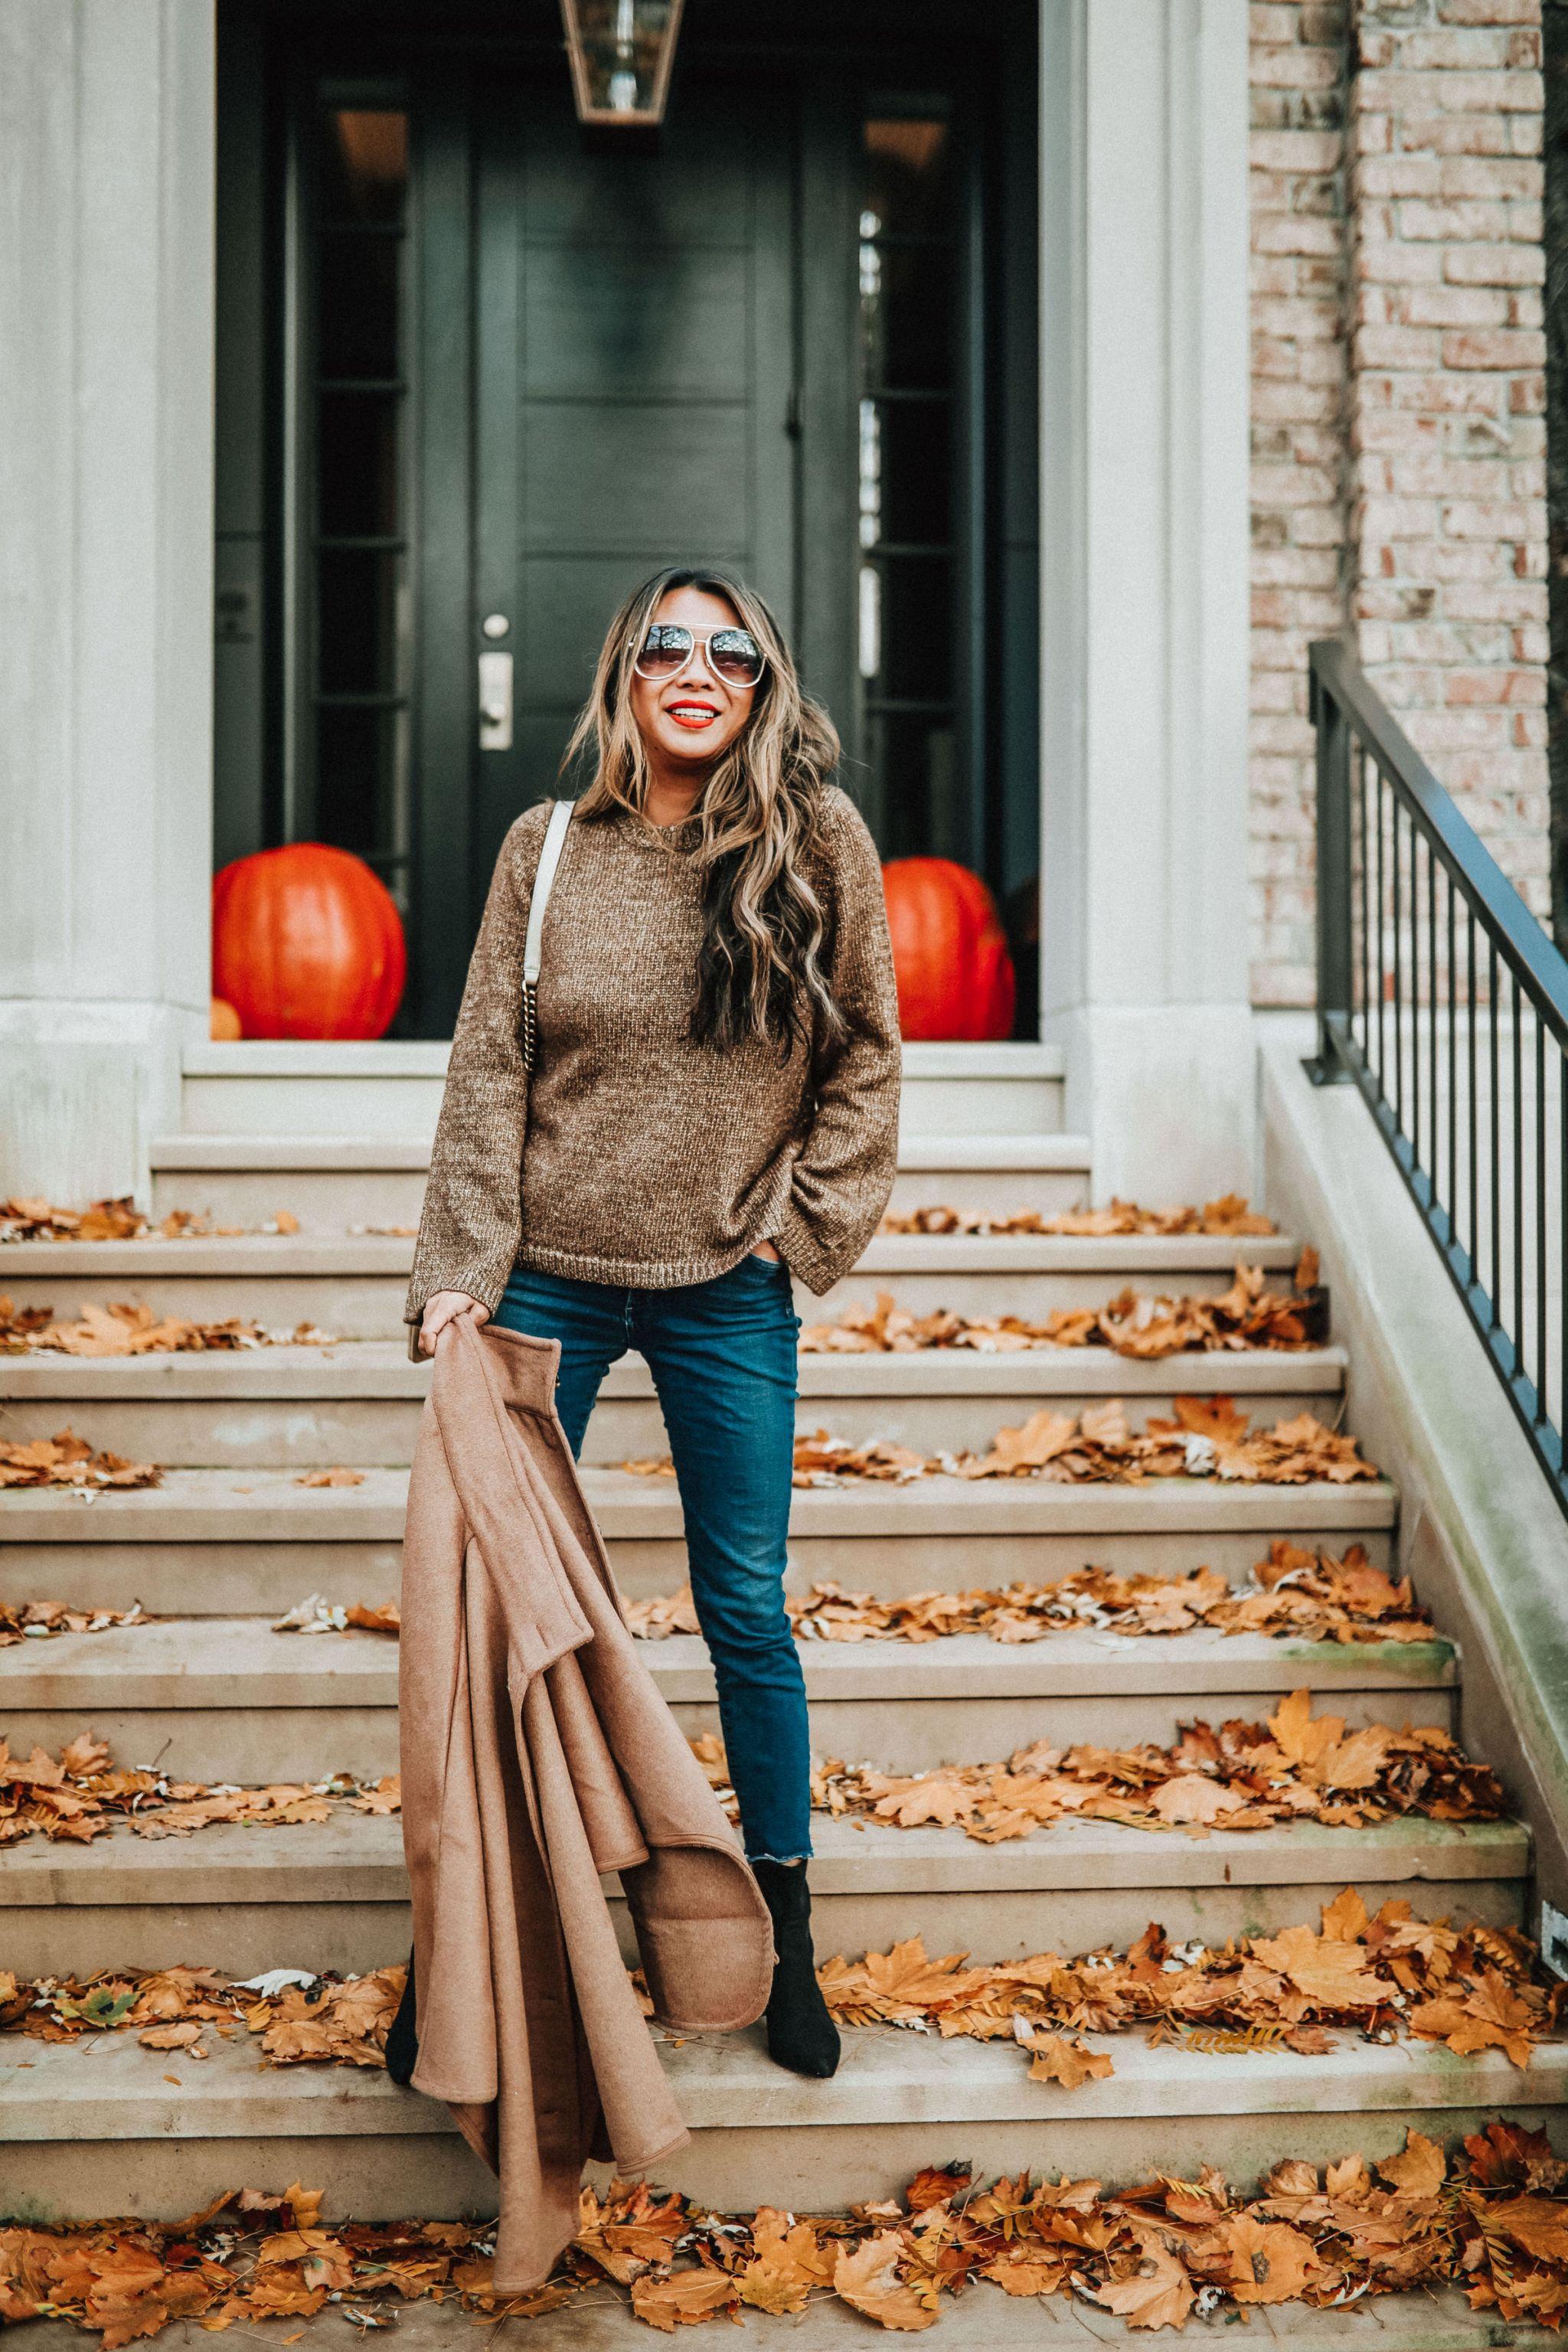 Ann Taylor Metallic Flare Sweater, Metallic Crewneck Sweater, Sweater season in Chicago, How to style a Metallic Sweater, Chicago Style Blogger